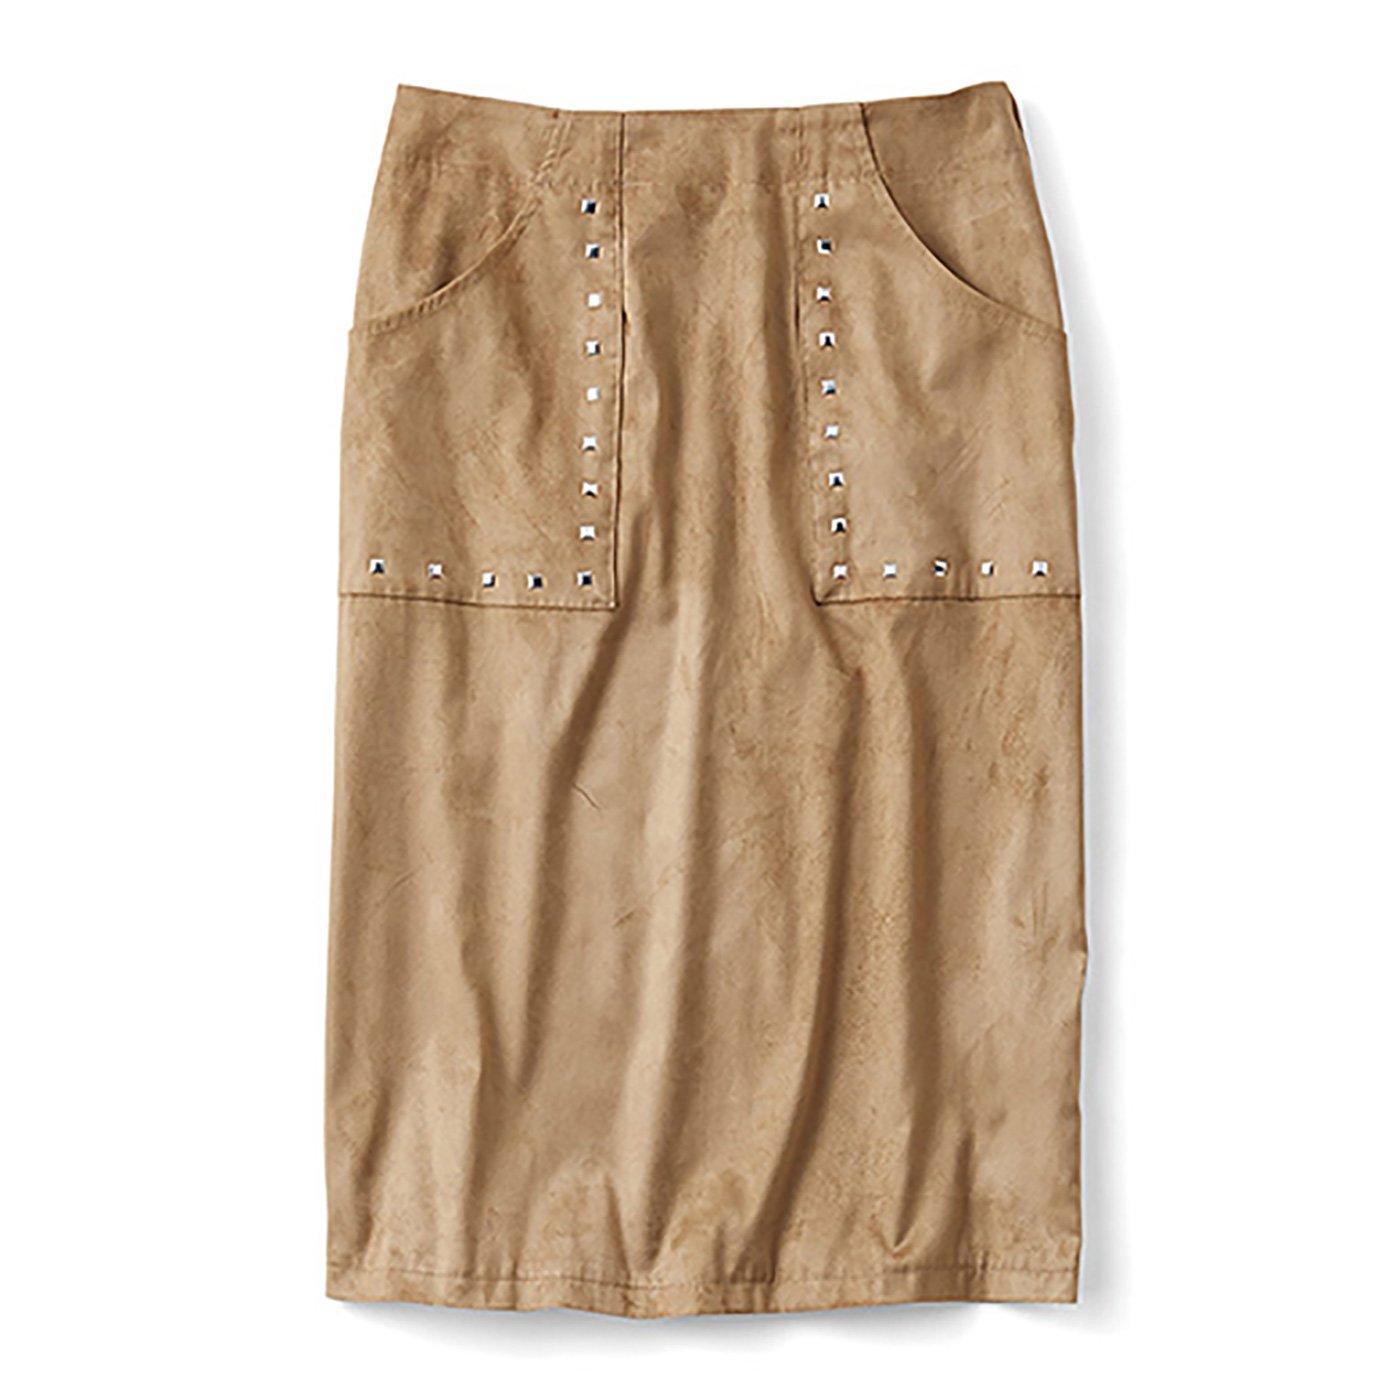 ミルブロウズ スタッズ遣いが華やぎを添えるストレッチフェイクスエードスカート〈ベージュ〉